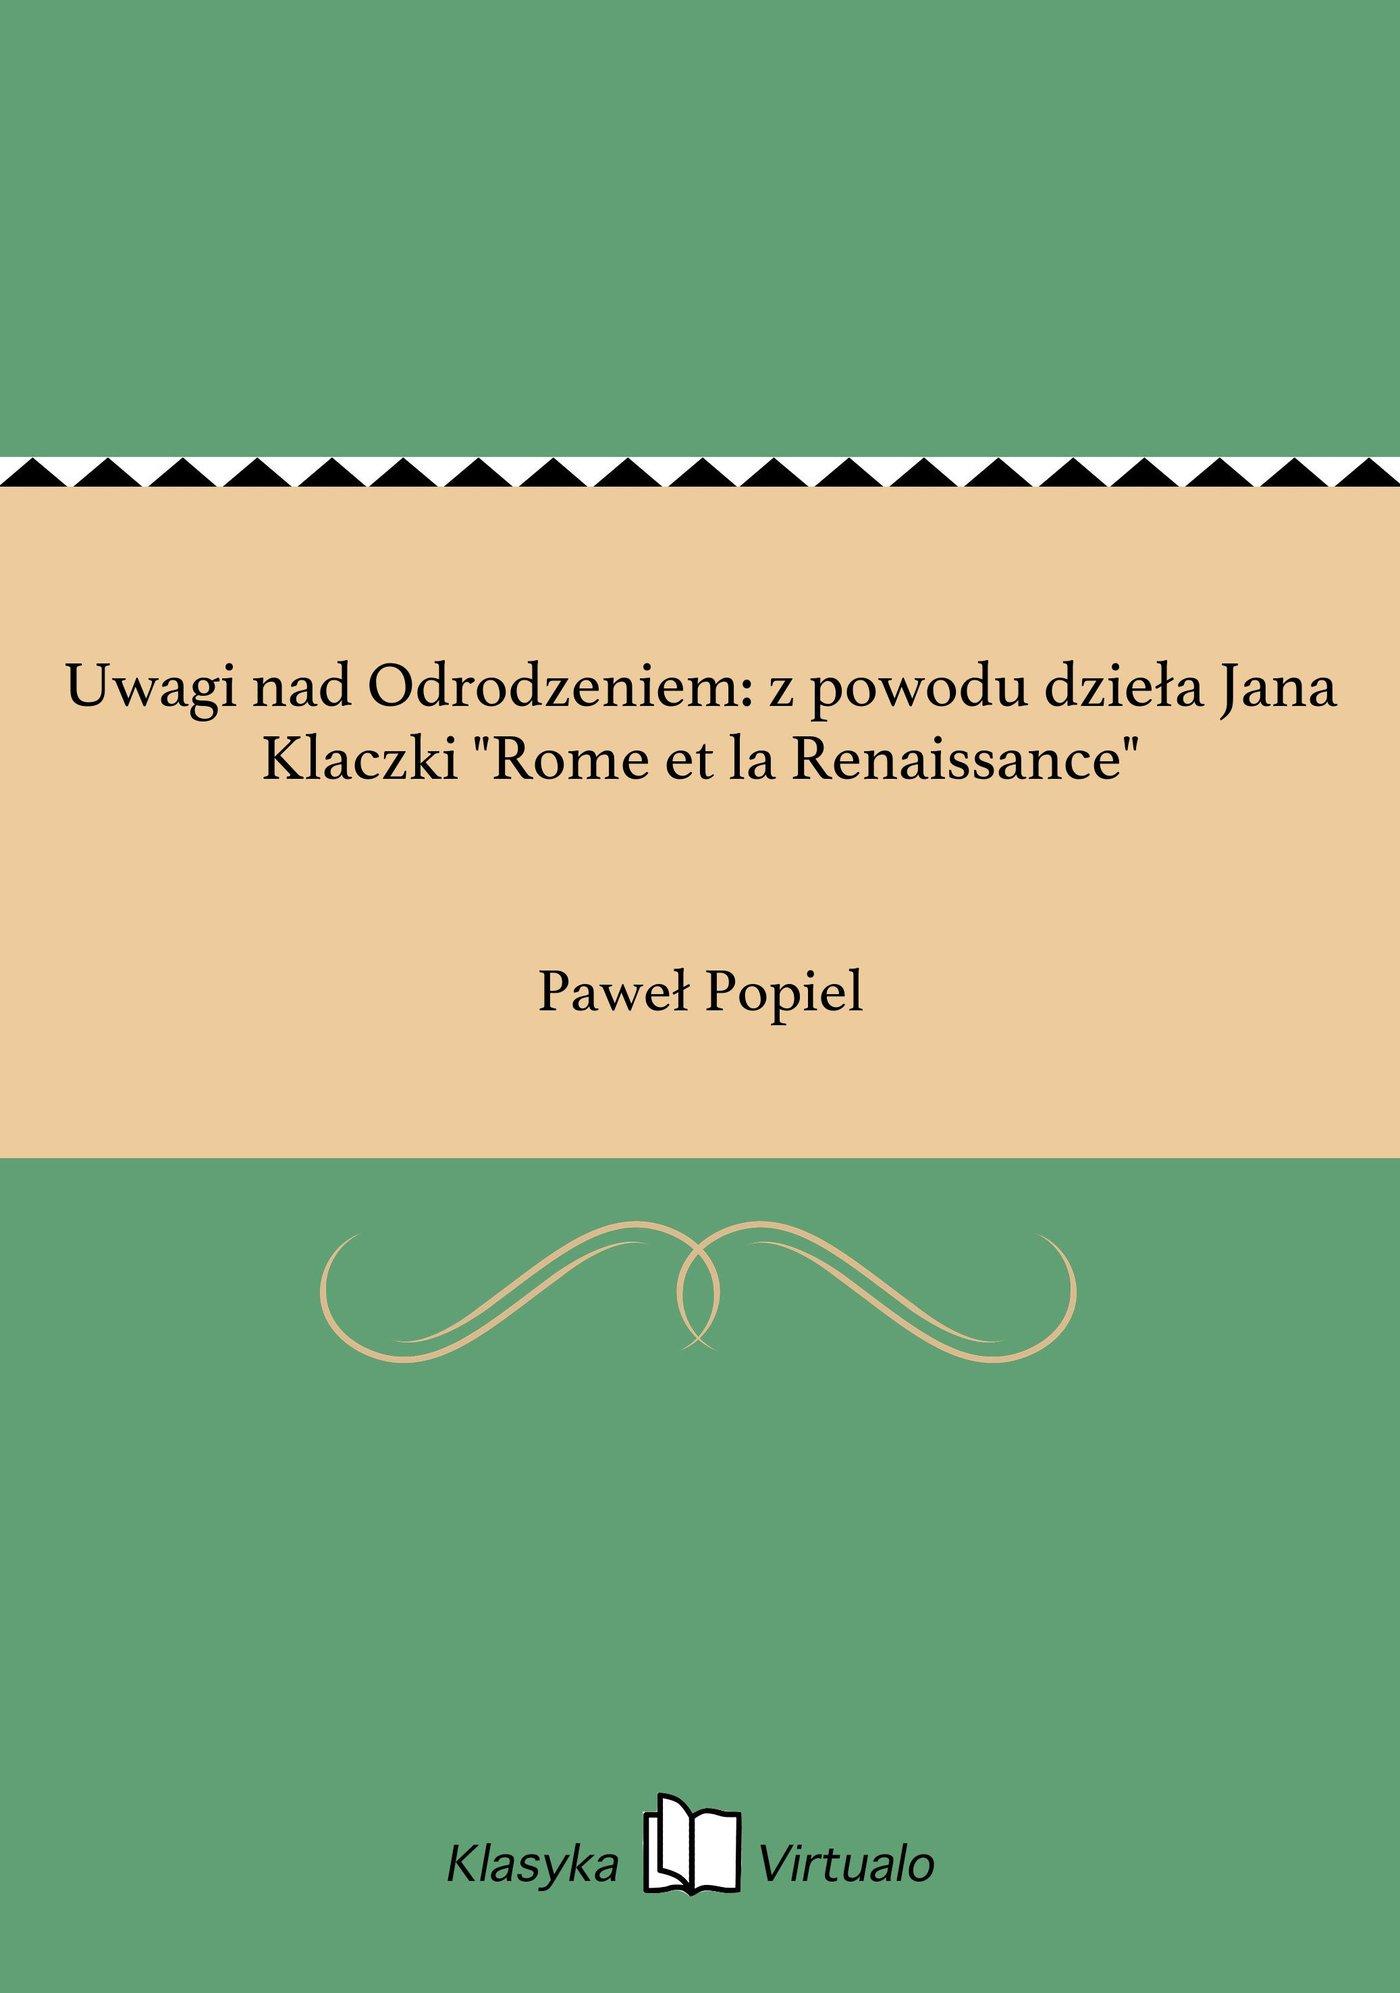 """Uwagi nad Odrodzeniem: z powodu dzieła Jana Klaczki """"Rome et la Renaissance"""" - Ebook (Książka EPUB) do pobrania w formacie EPUB"""